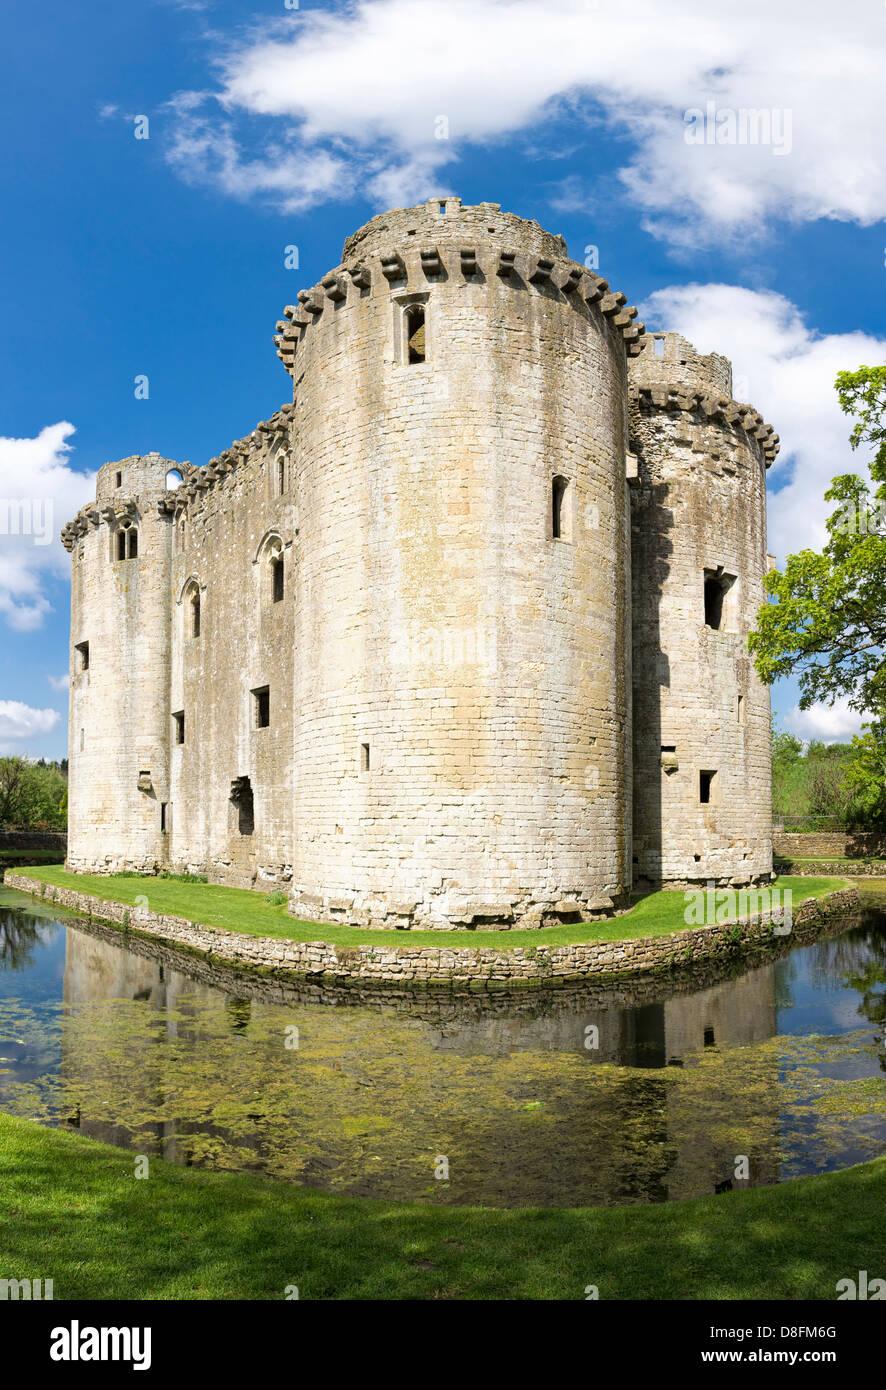 Nunney castle, Somerset, England, UK - Stock Image